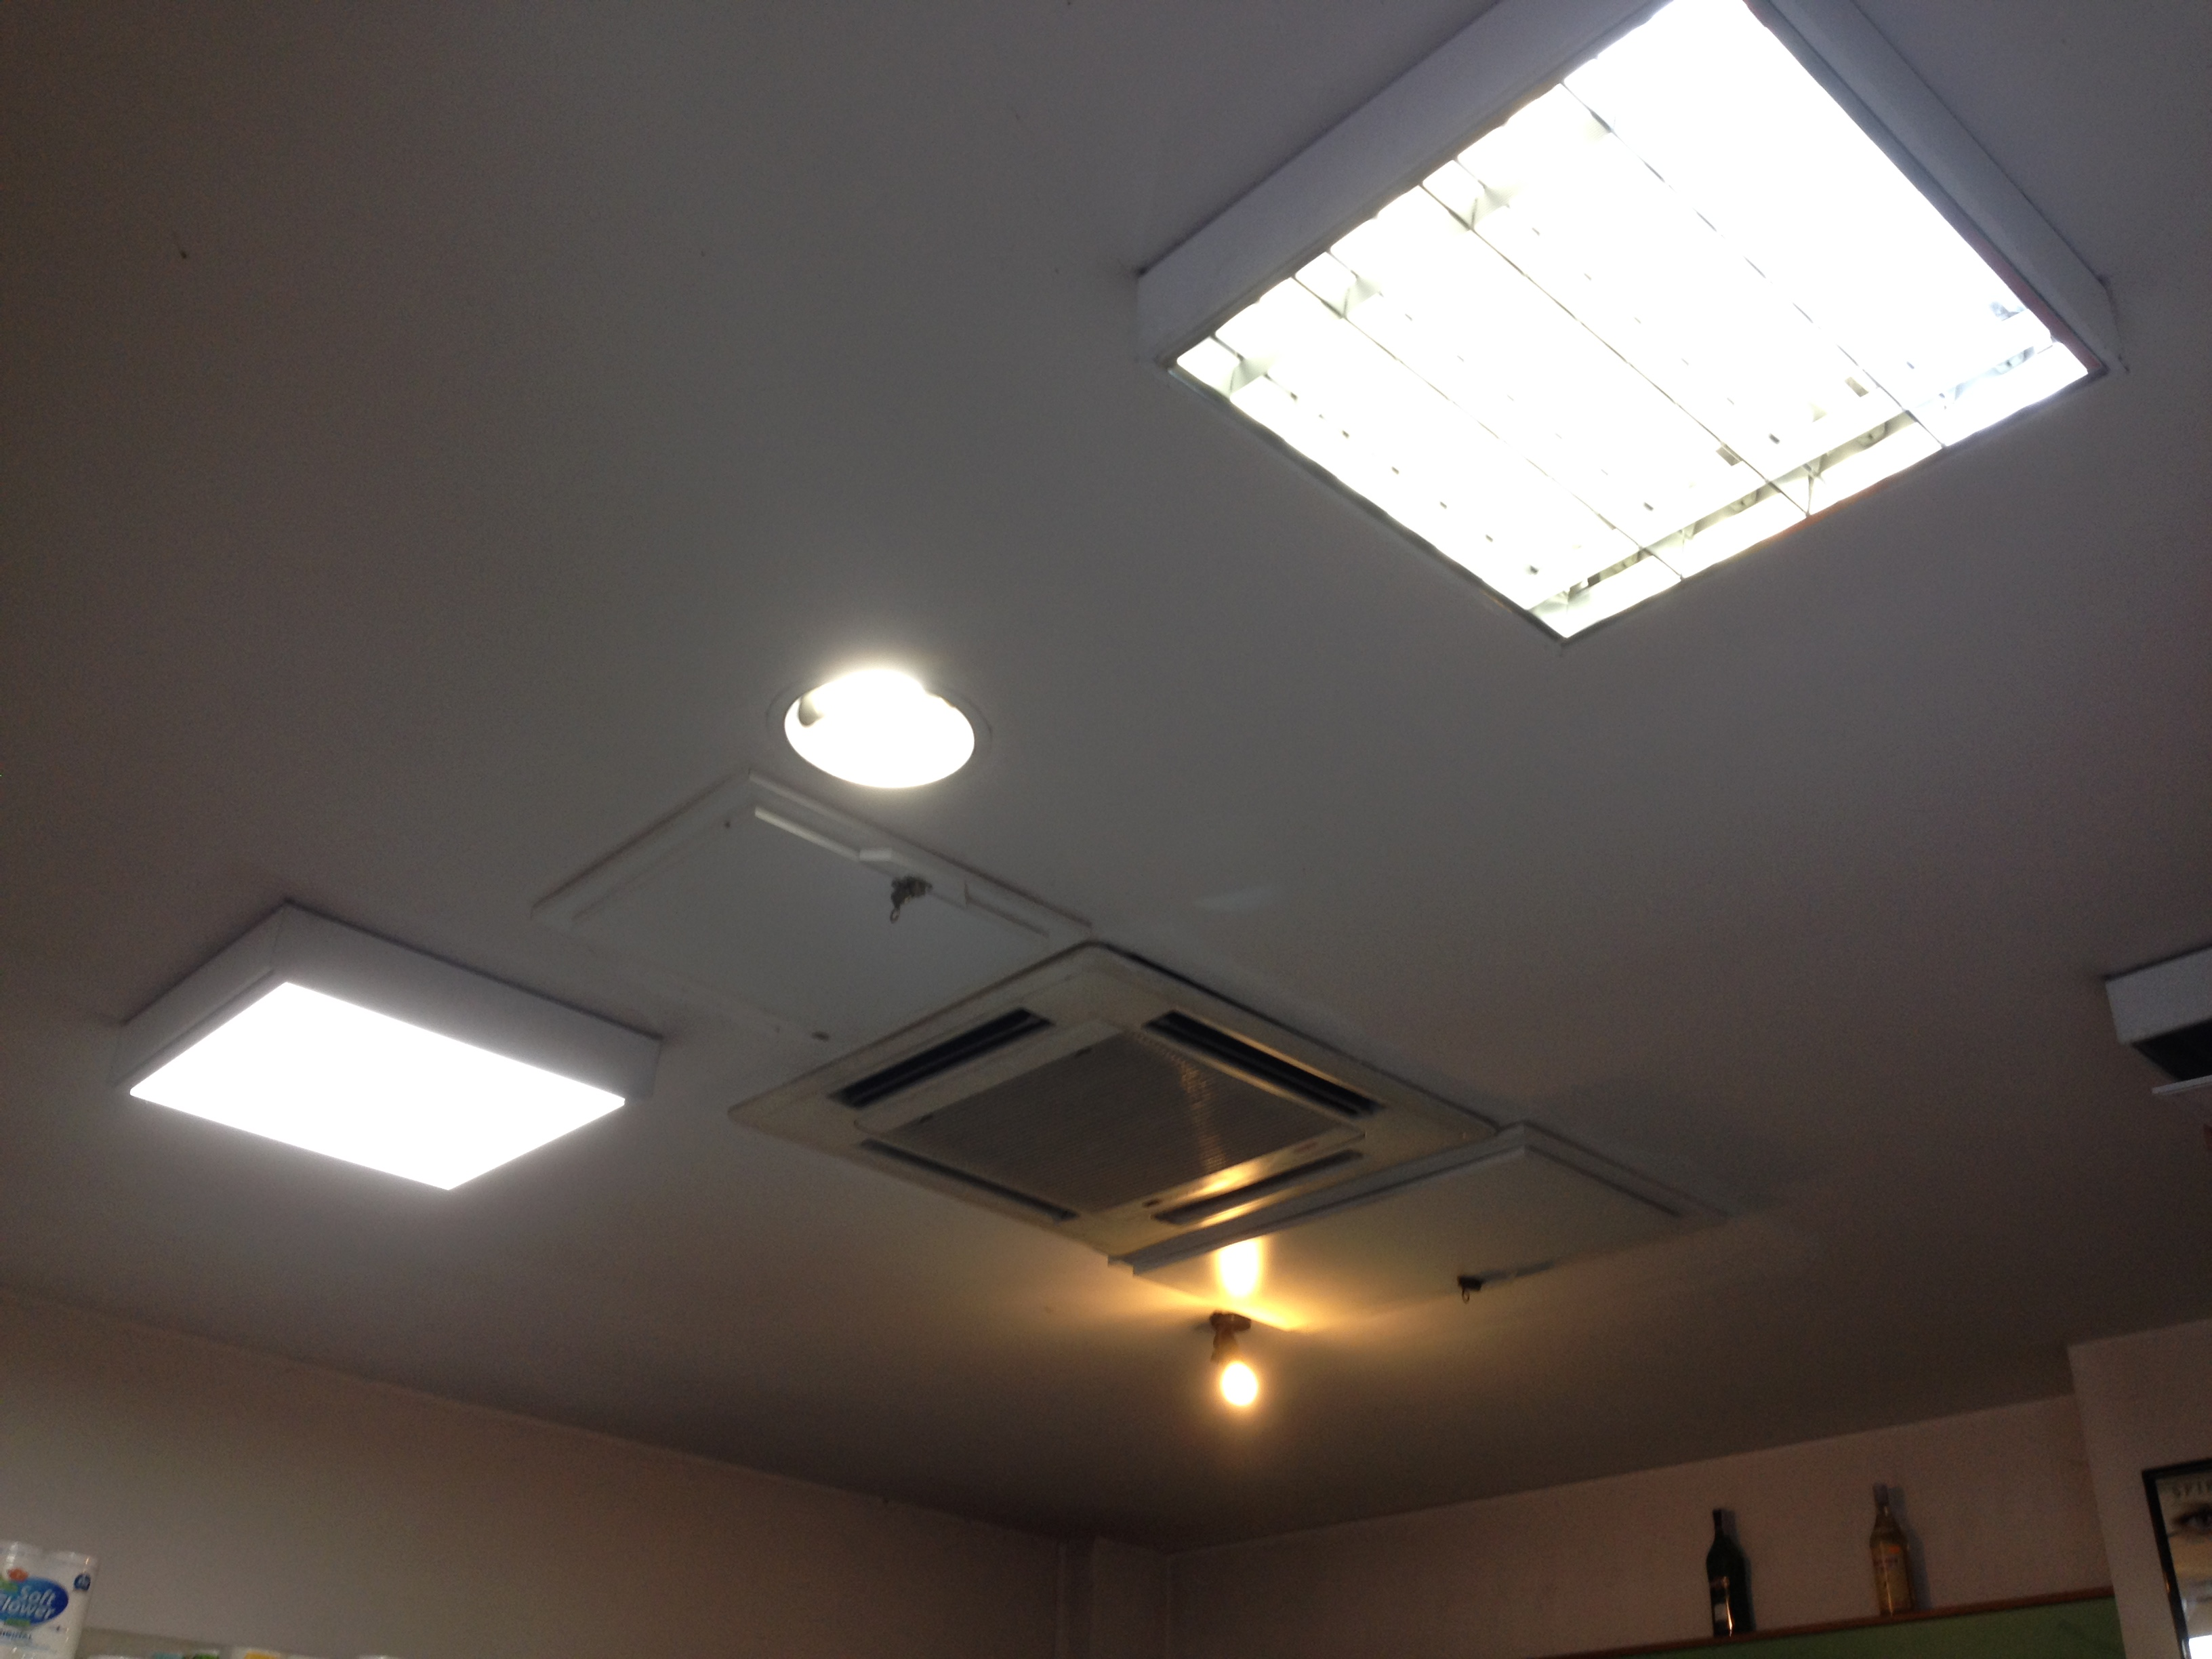 Illuminazione a led per u calimentari campisanou d teris energia